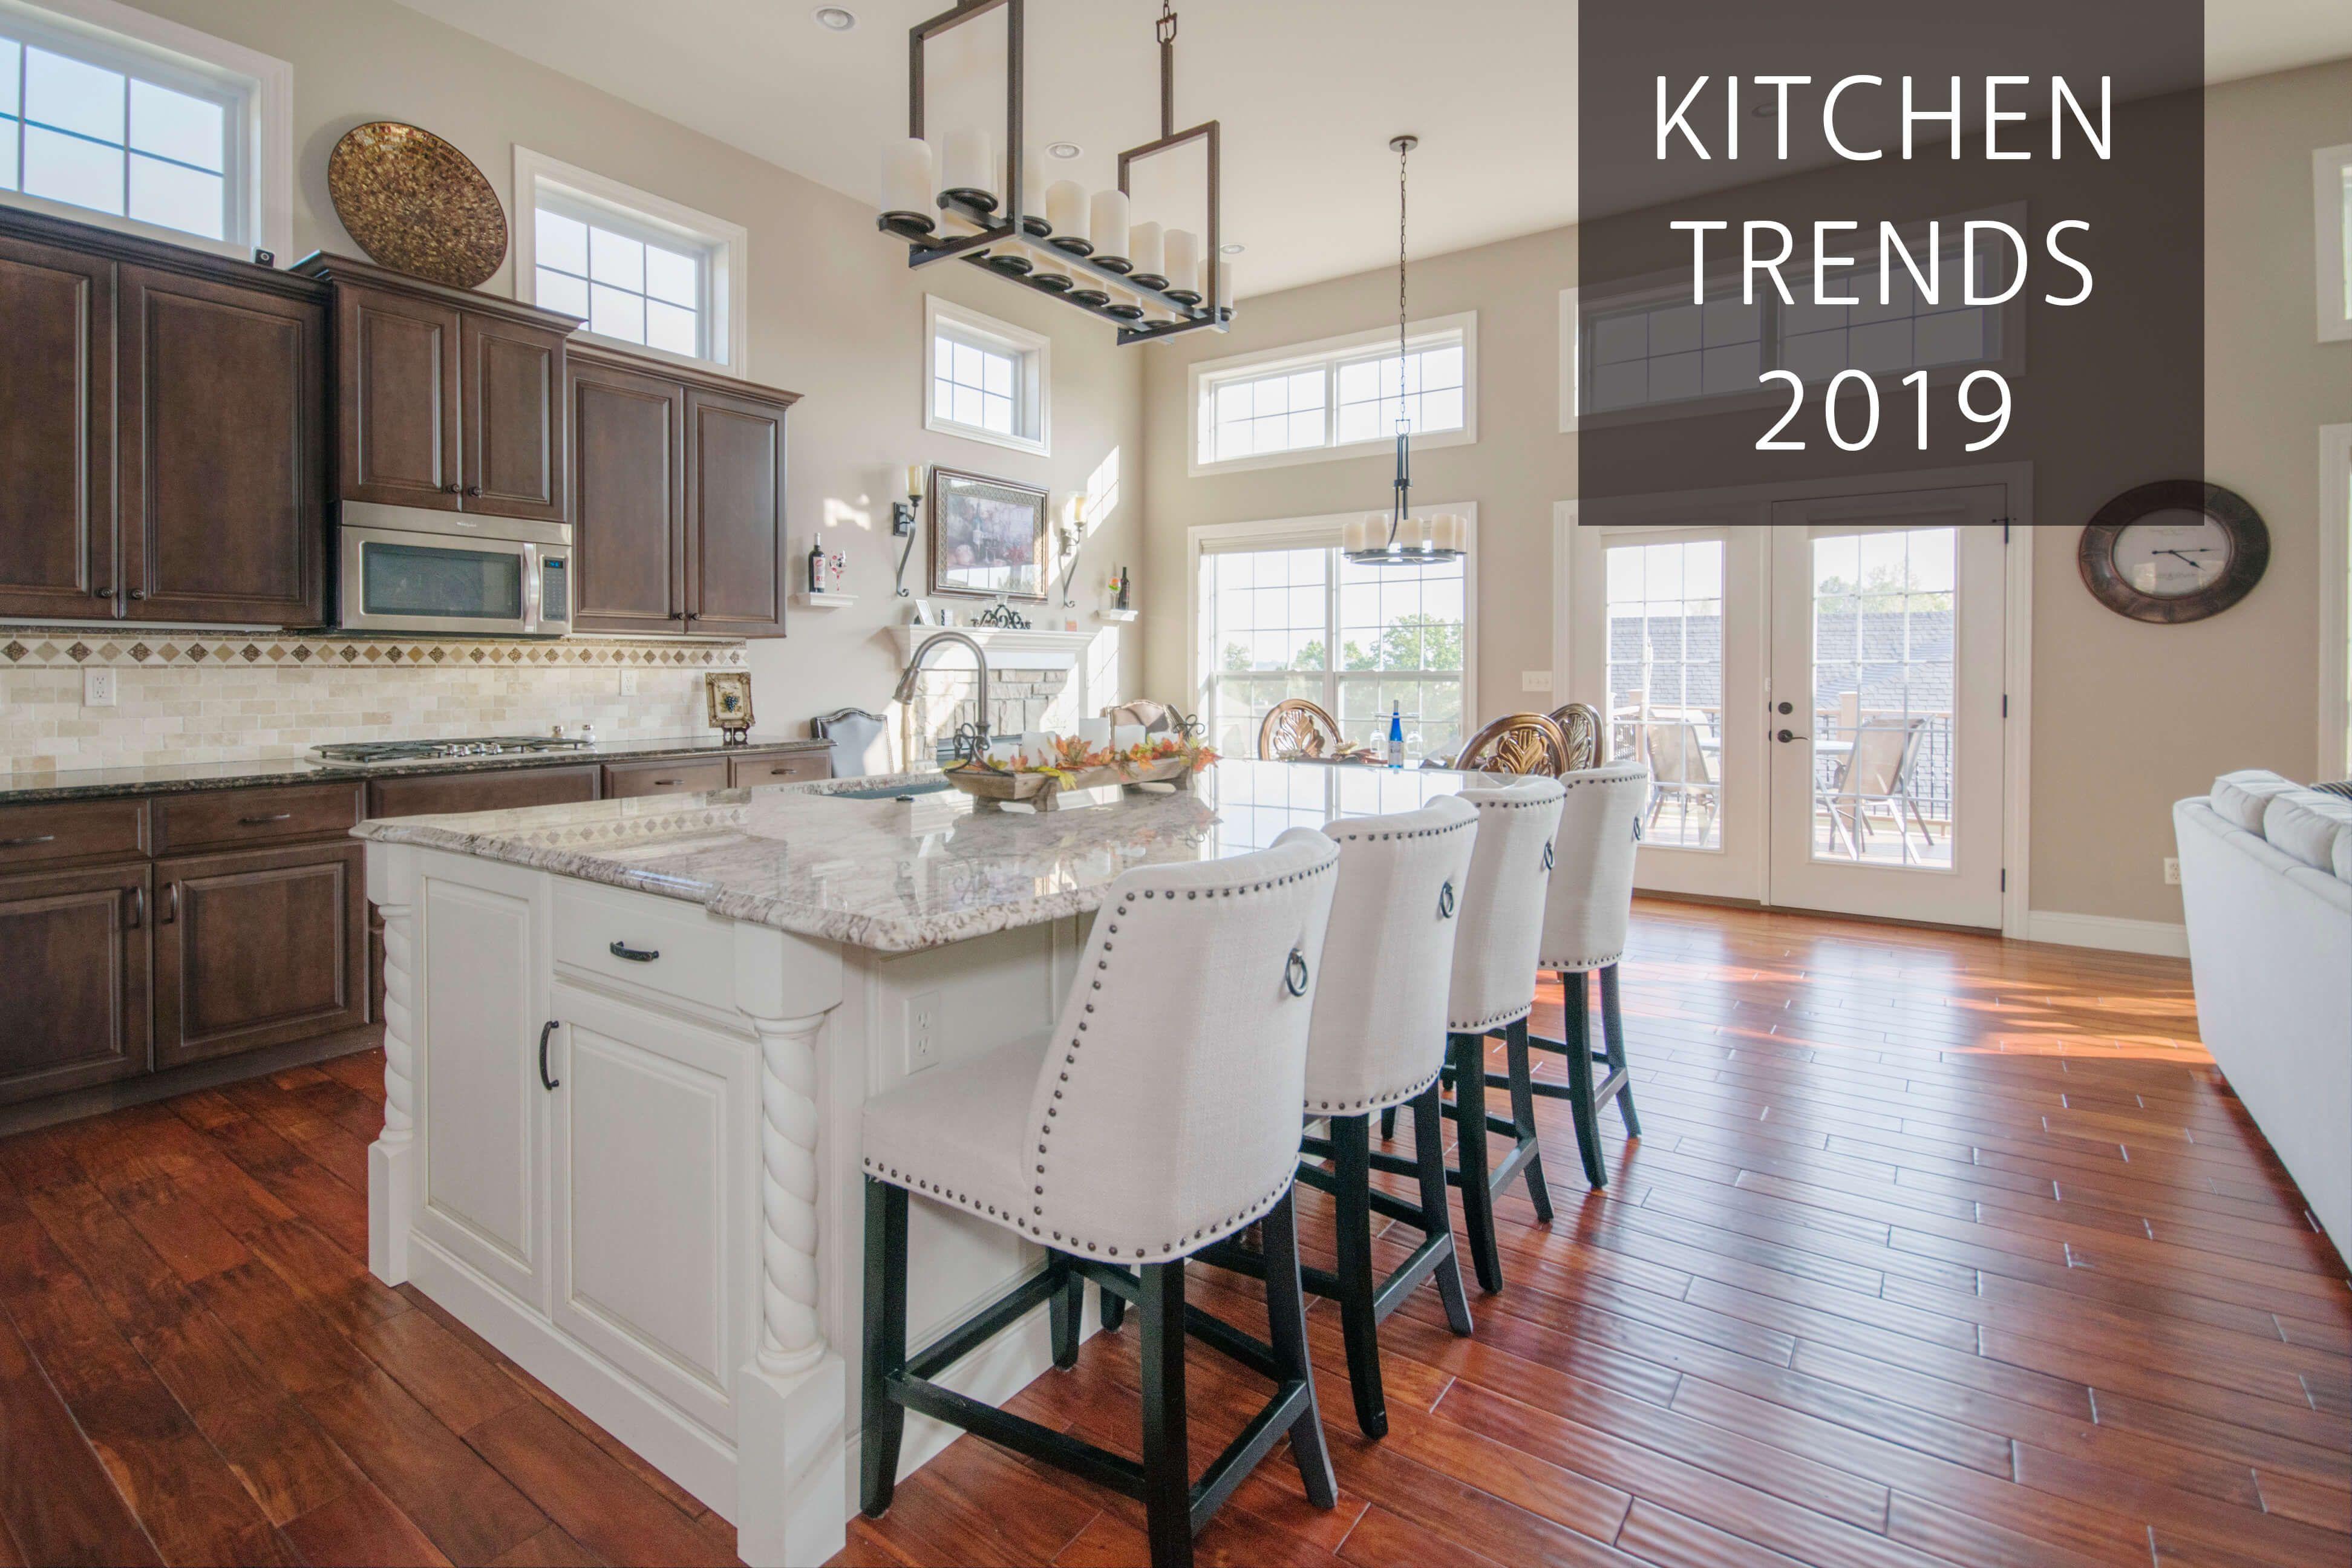 Top 5 Kitchen Trends In 2019 Williams Kitchen Bath Kitchen Trends Best Paint For Kitchen Home Decor Kitchen